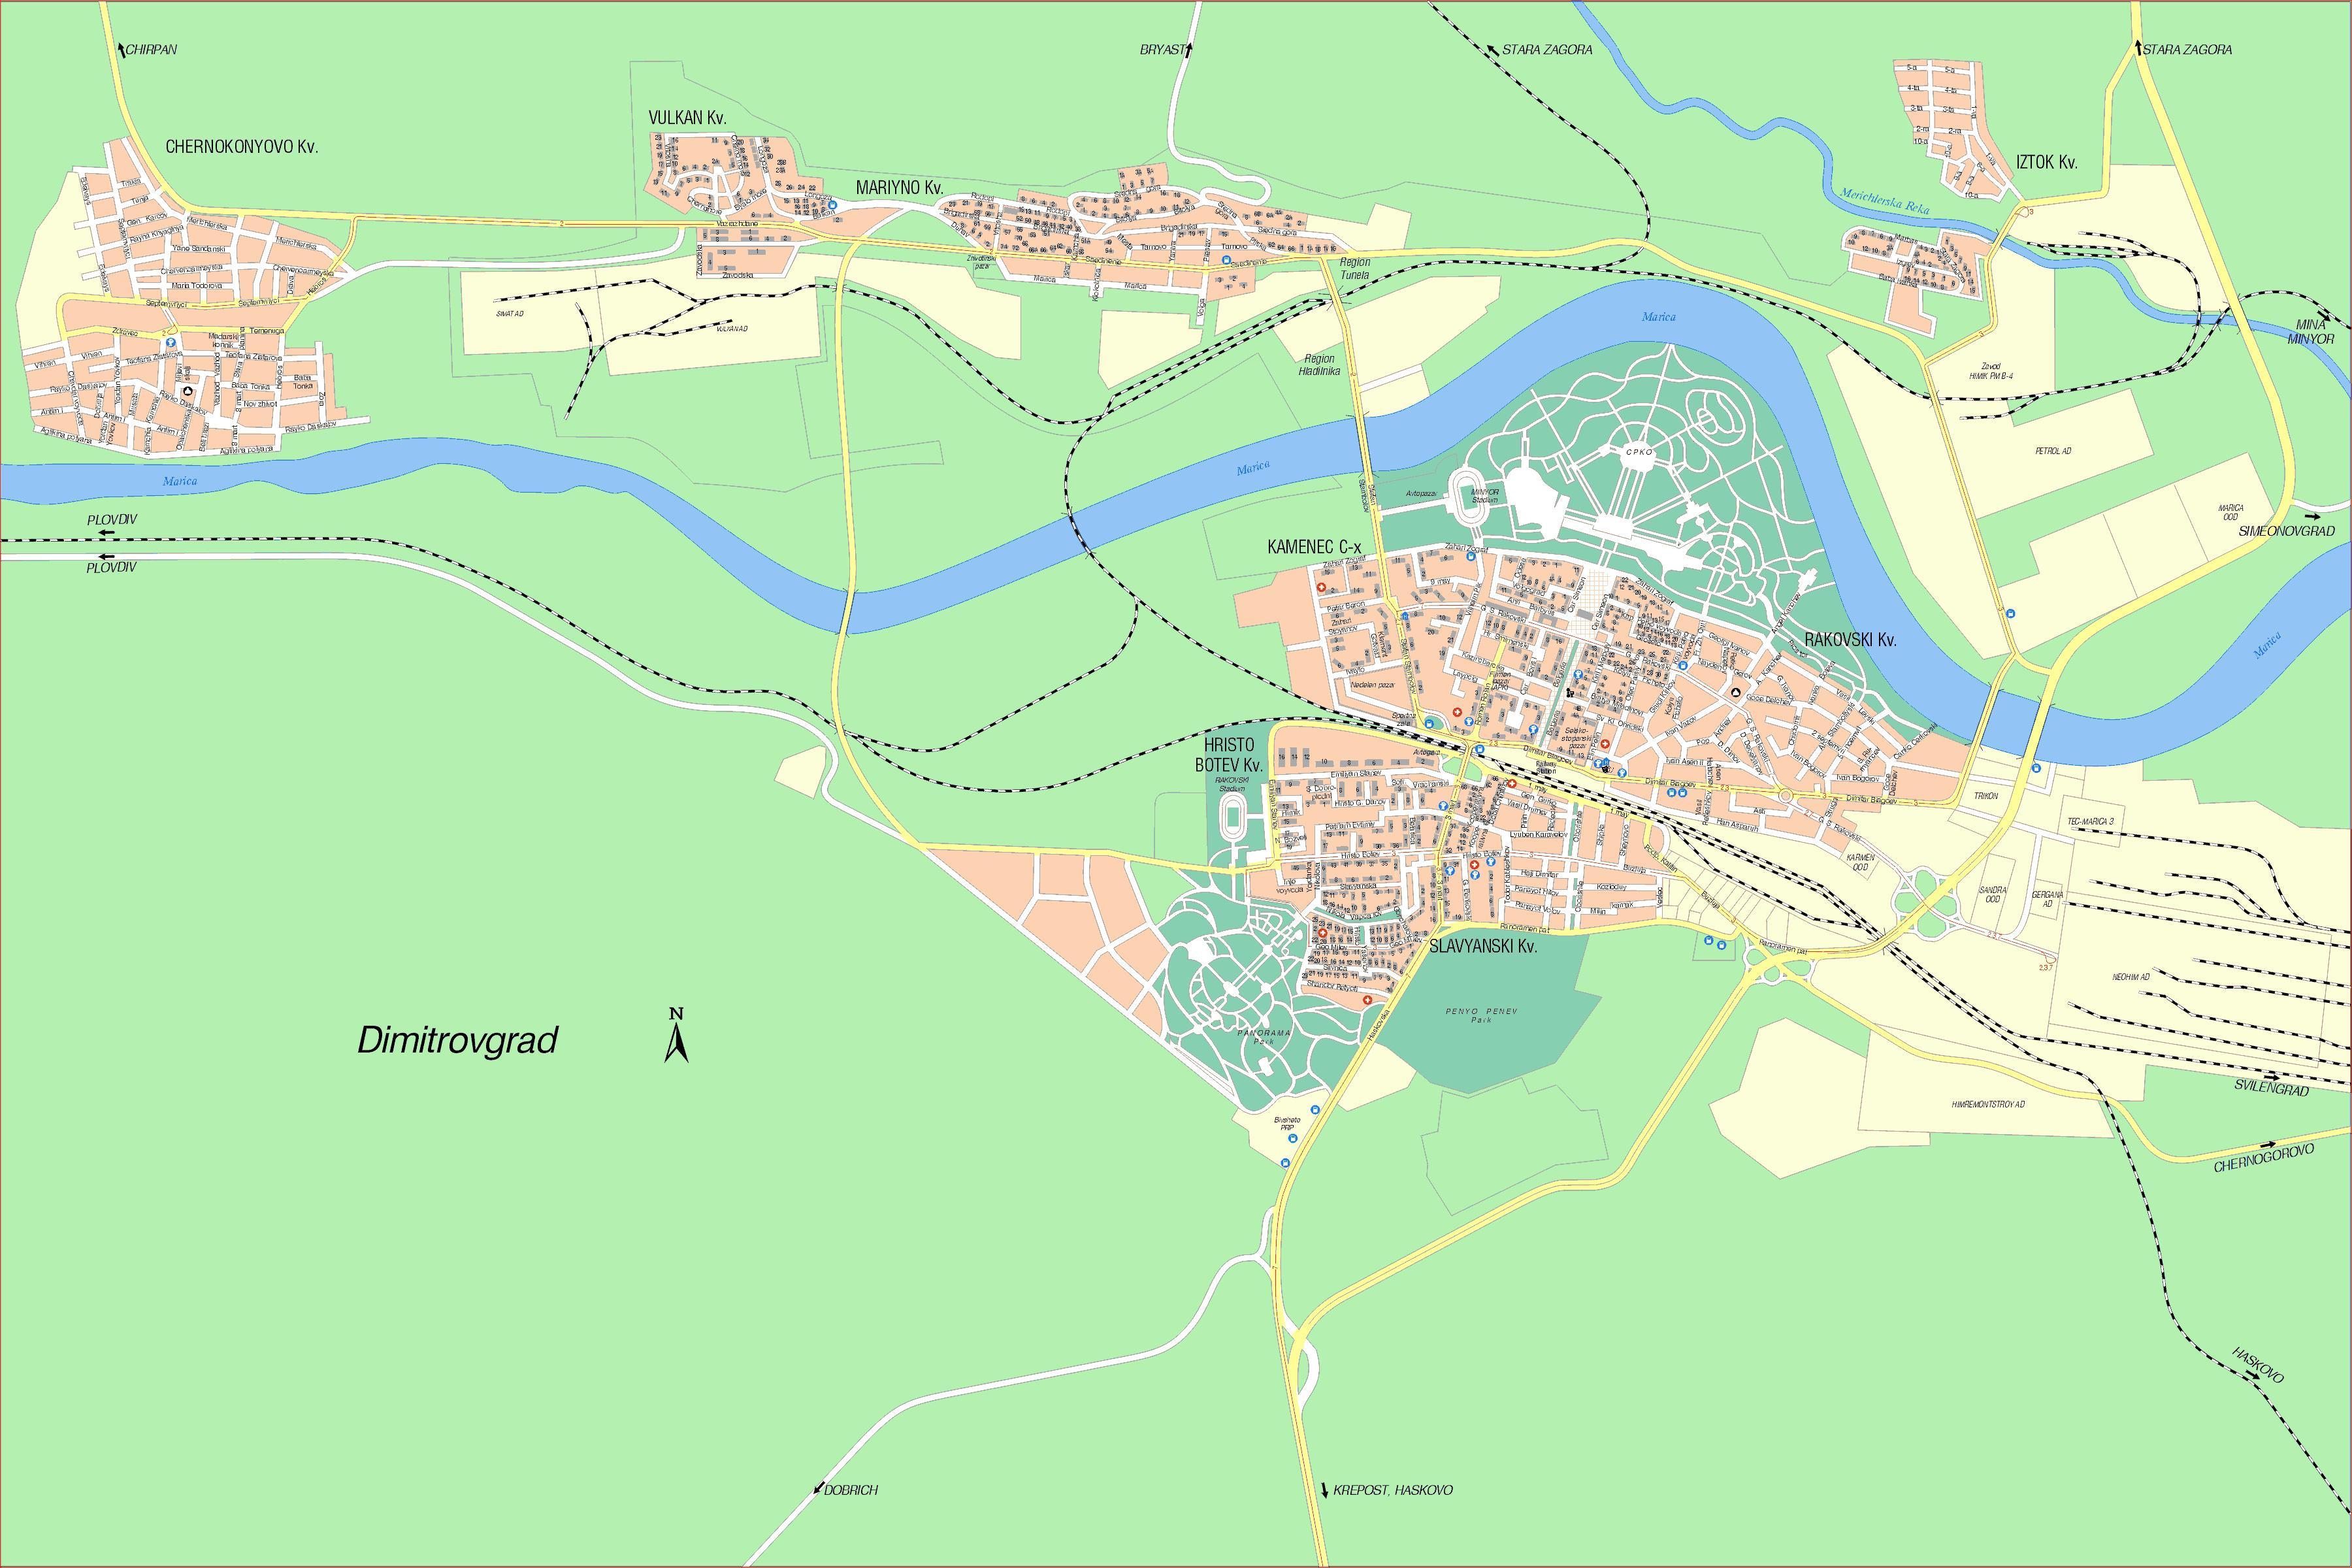 Karta Goroda Dimitrovgrad 79 Haskovskaya Oblast Besplatno